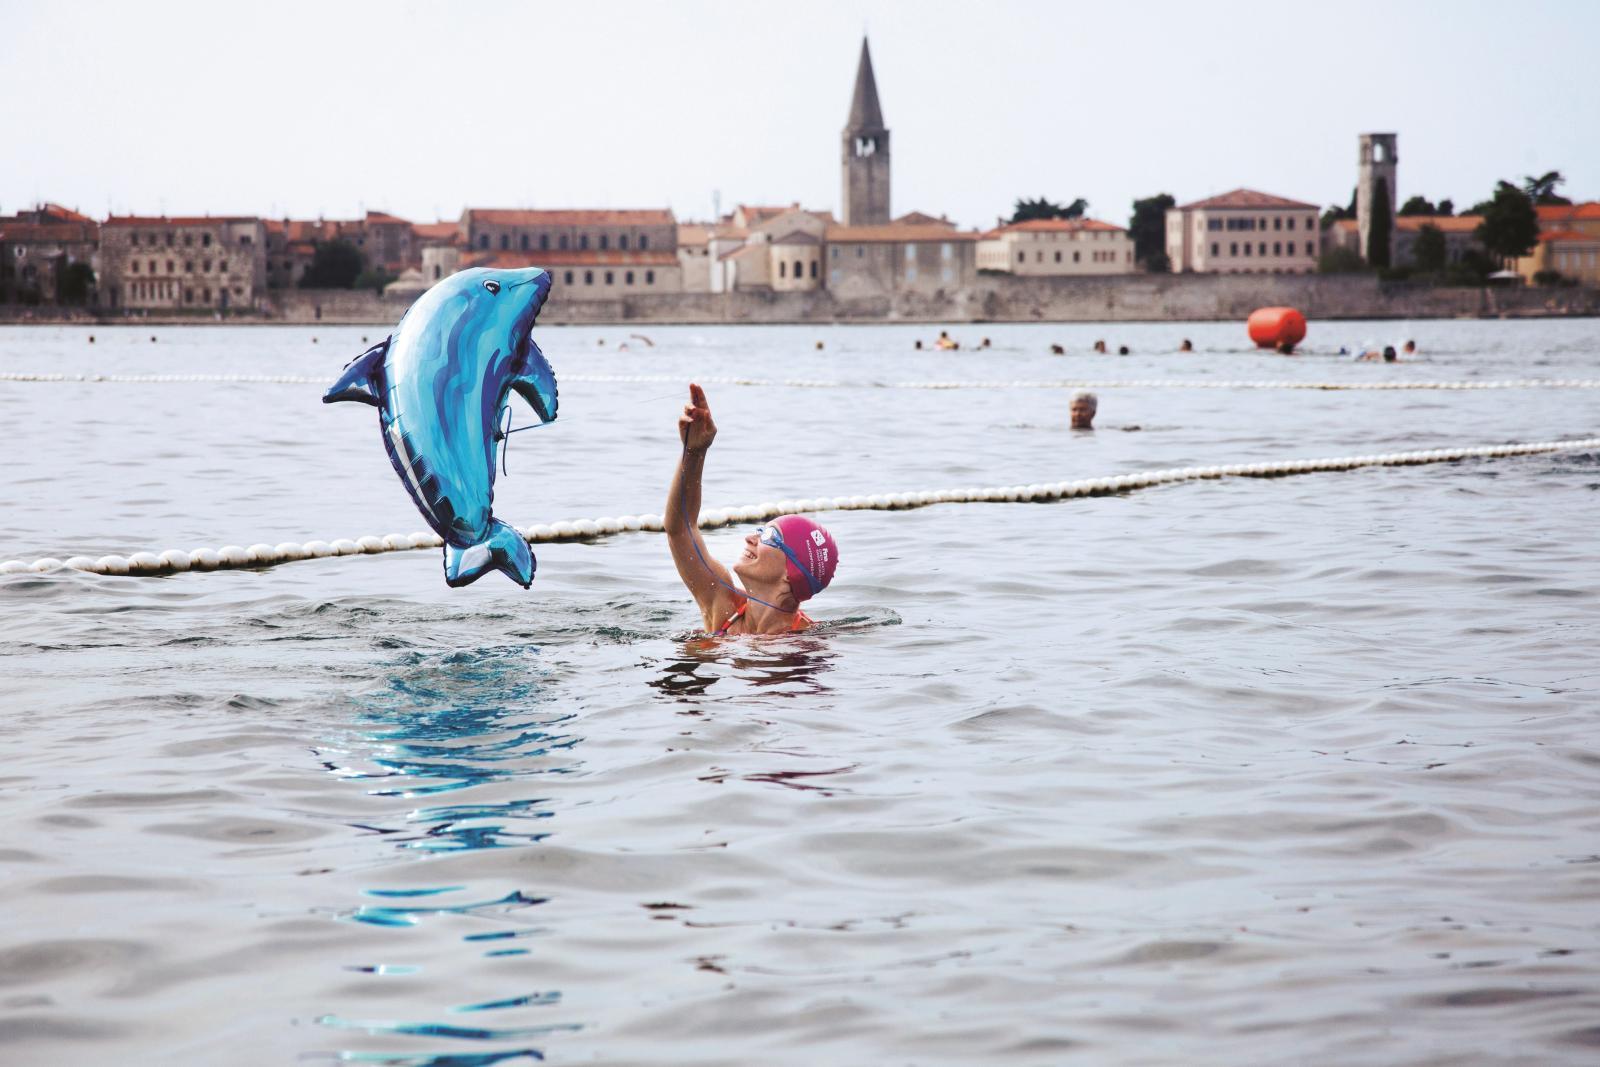 Novitet ovogodišnjeg izdanja Porečkog delfina je dodatni sportski program zabavnog karaktera, ali i super sportski izazov.